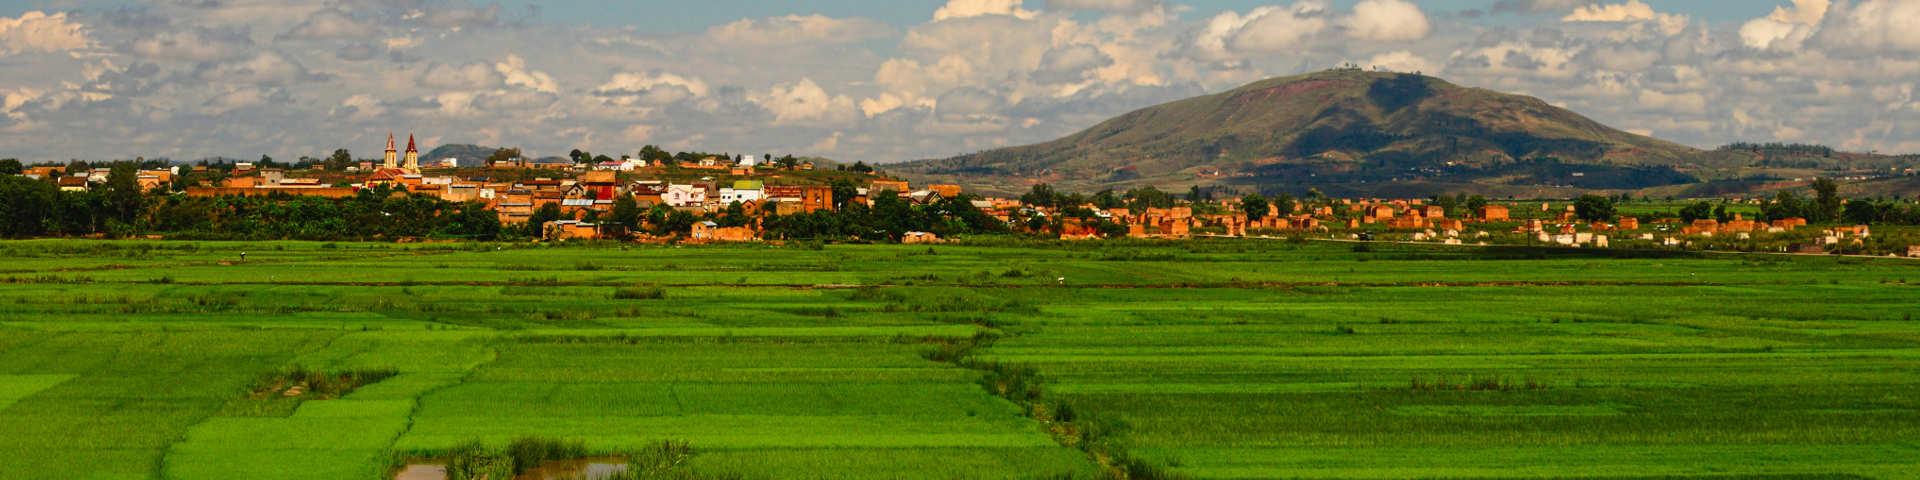 Antananarivo hero banner1